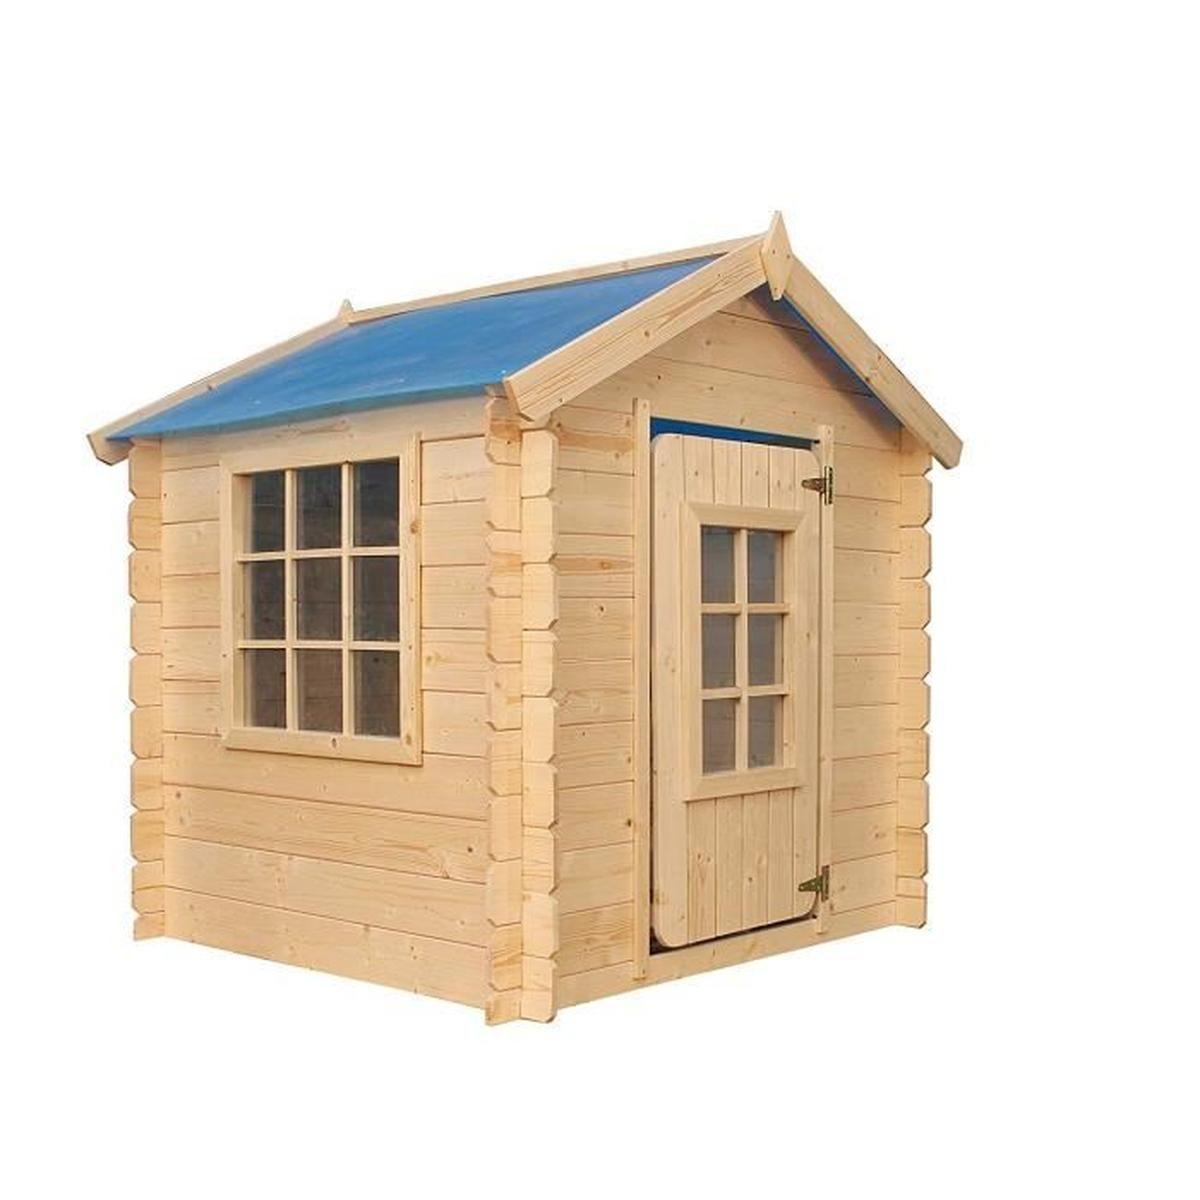 Timbela M570 Maisonnette En Bois - Maison De Jardin Pour L'exterieur/pour  L'intérieur - Emboîtée Ép. 13 Mm (Toit Bleu) encequiconcerne Maisonnette De Jardin En Bois